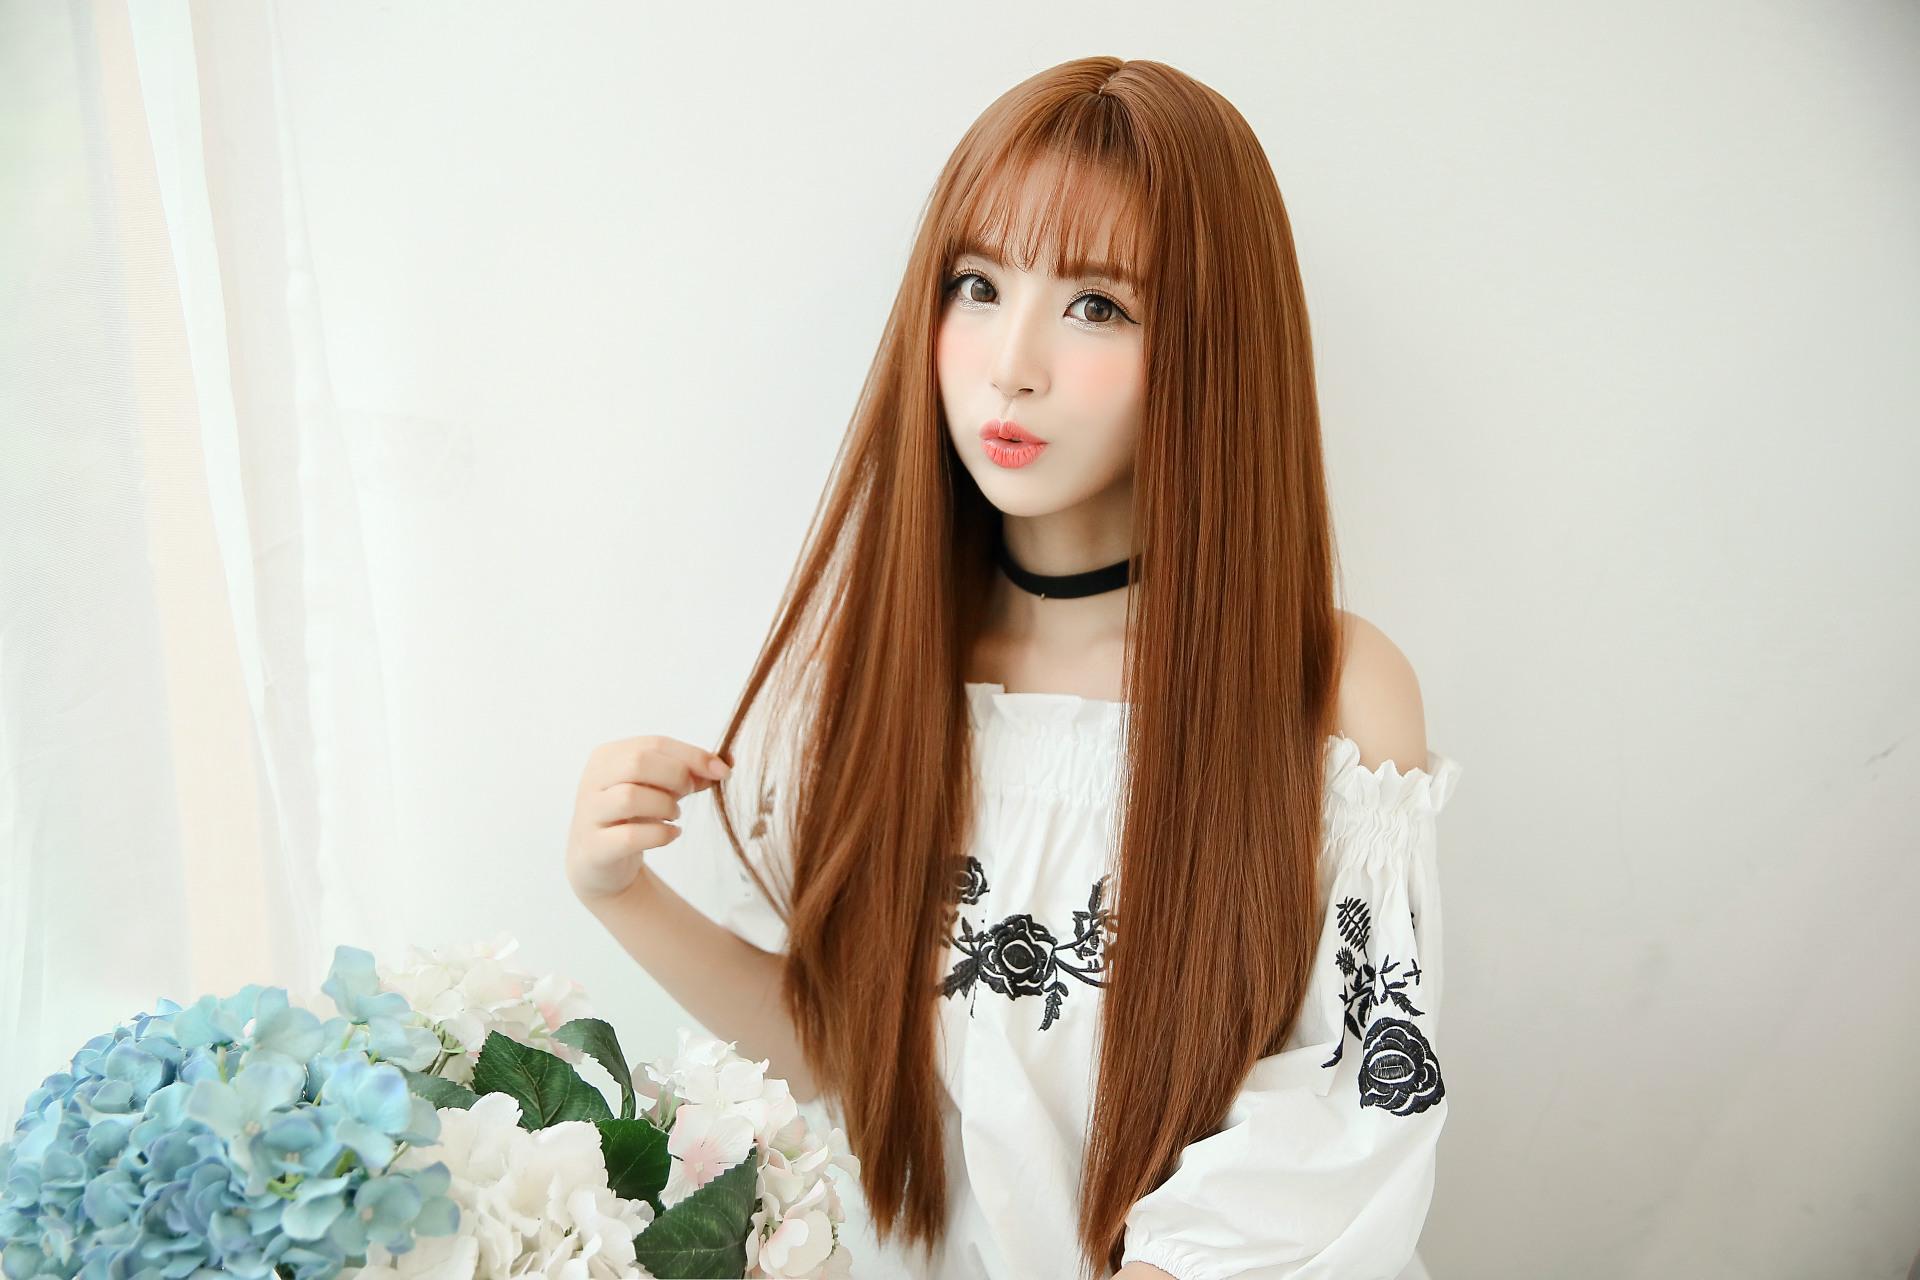 【蛋白丝假发女 热销空气刘海直长发】图片,海量精选图片